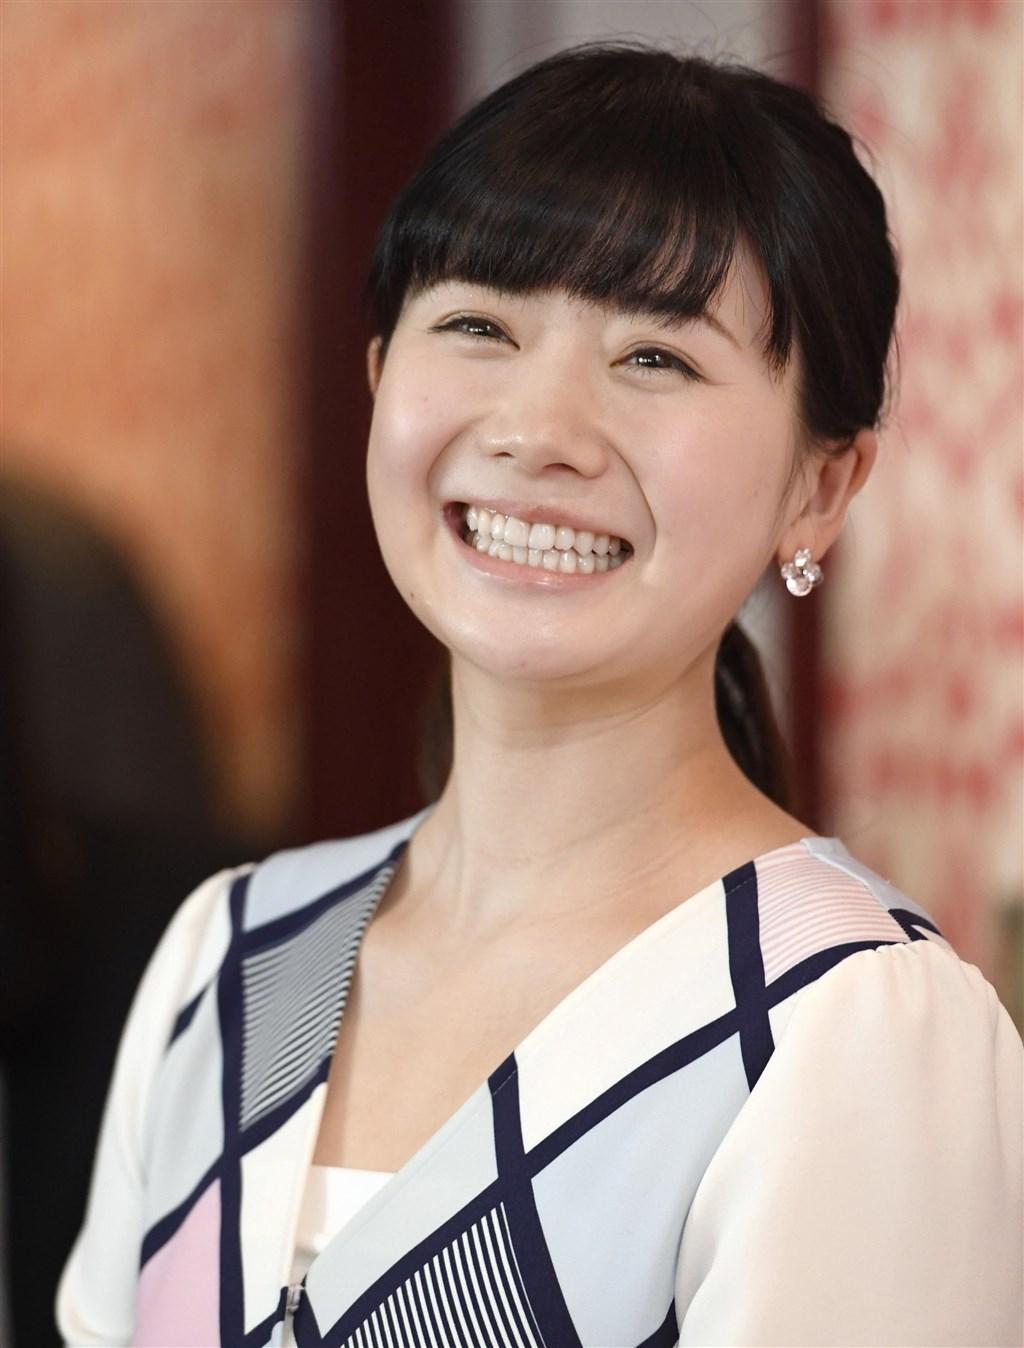 嫁給台灣桌球好手江宏傑的日本桌球明星福原愛,14日獲得日本桌球協會頒贈的特別功勞獎。(檔案照片/共同社提供)